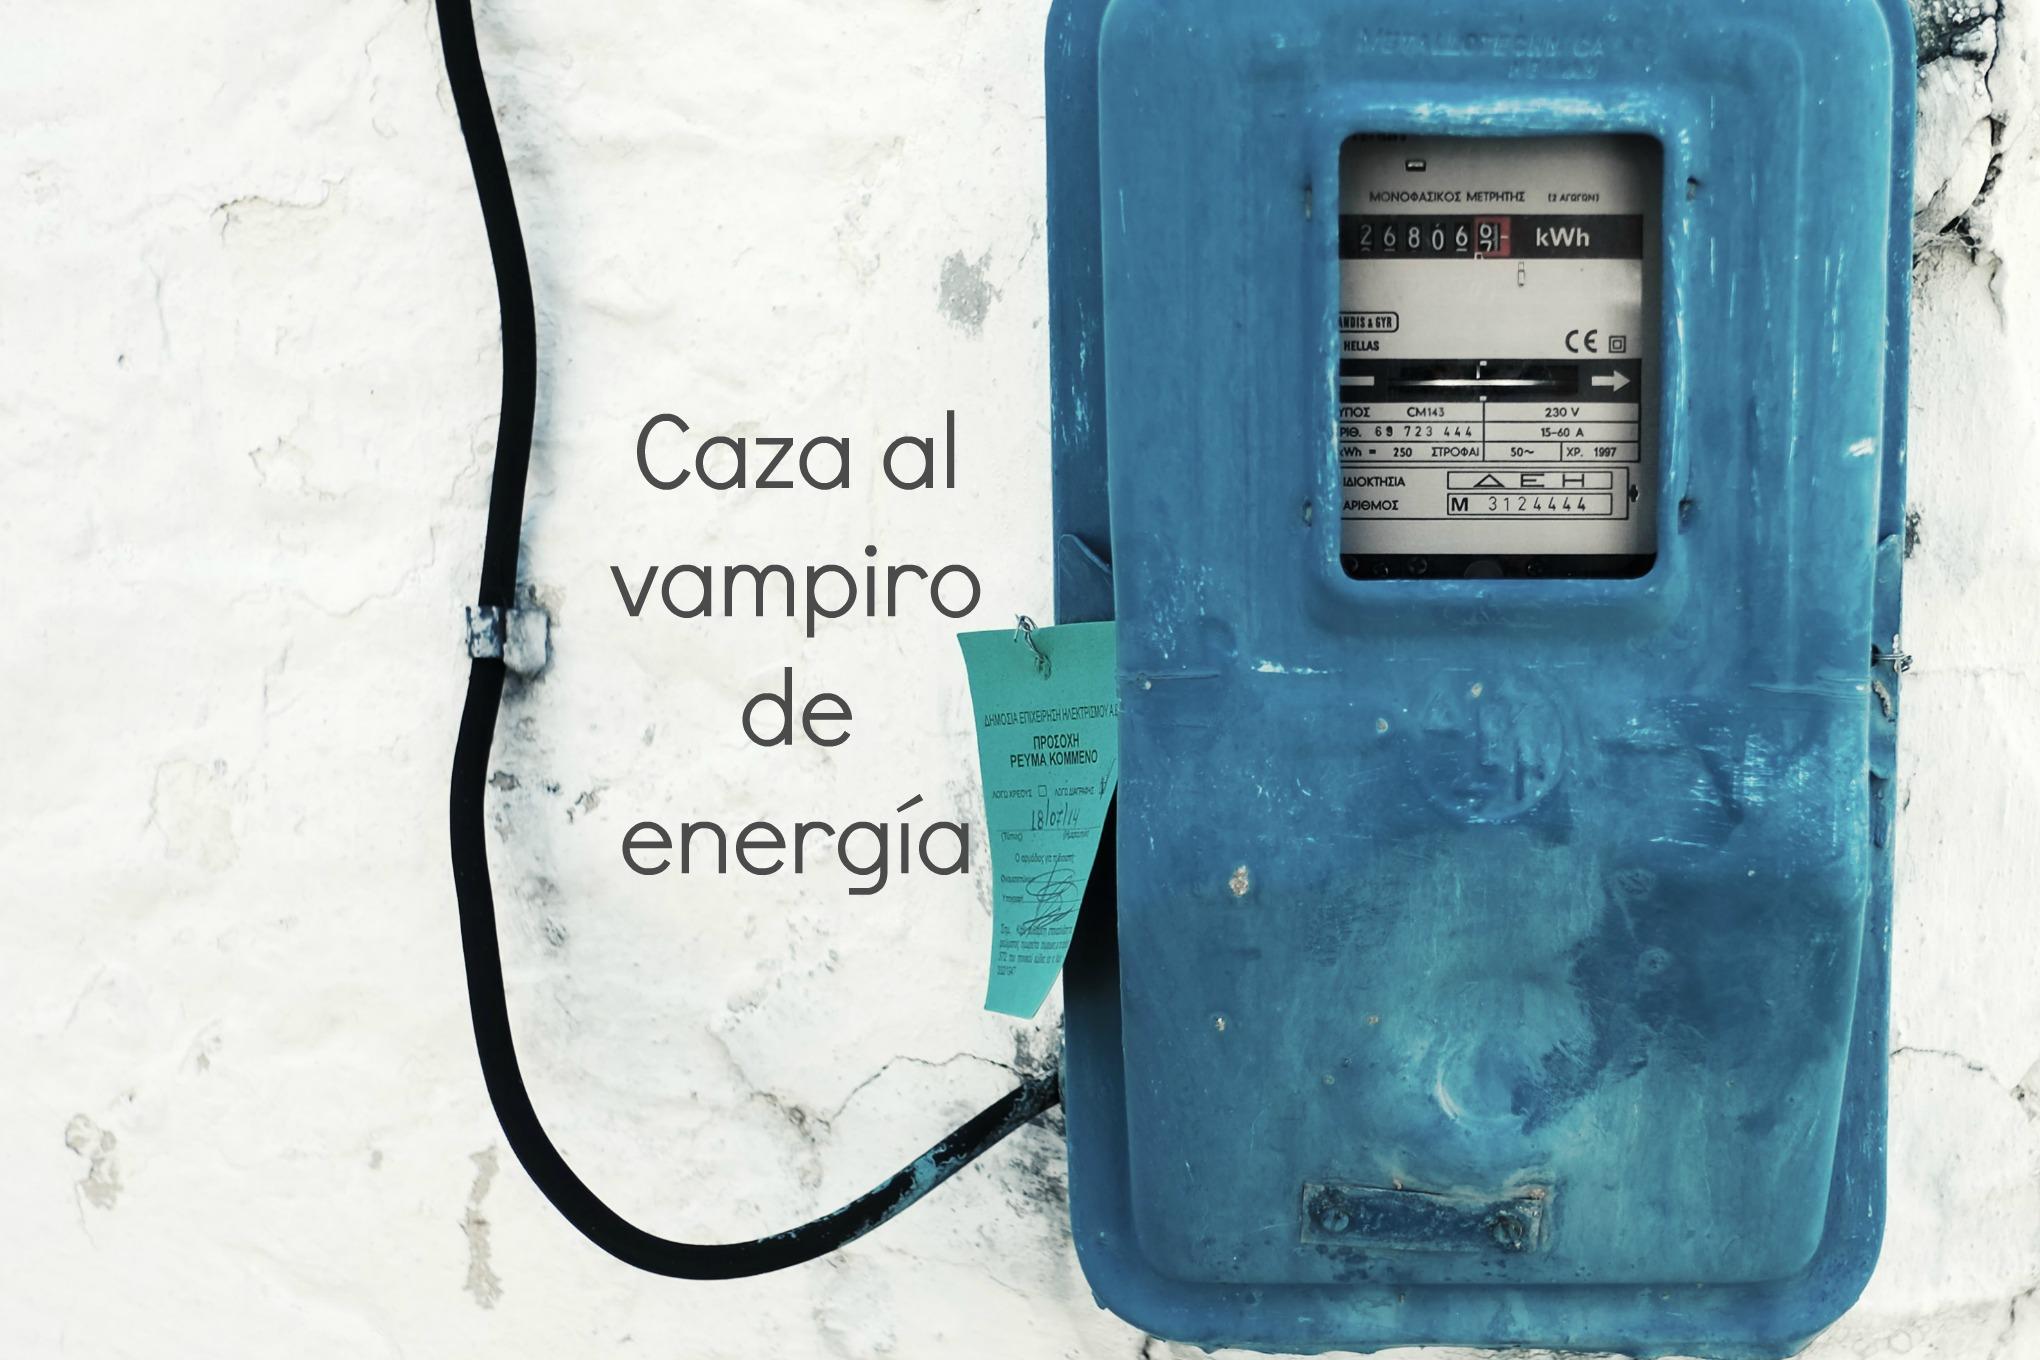 caza al vampiro de energía